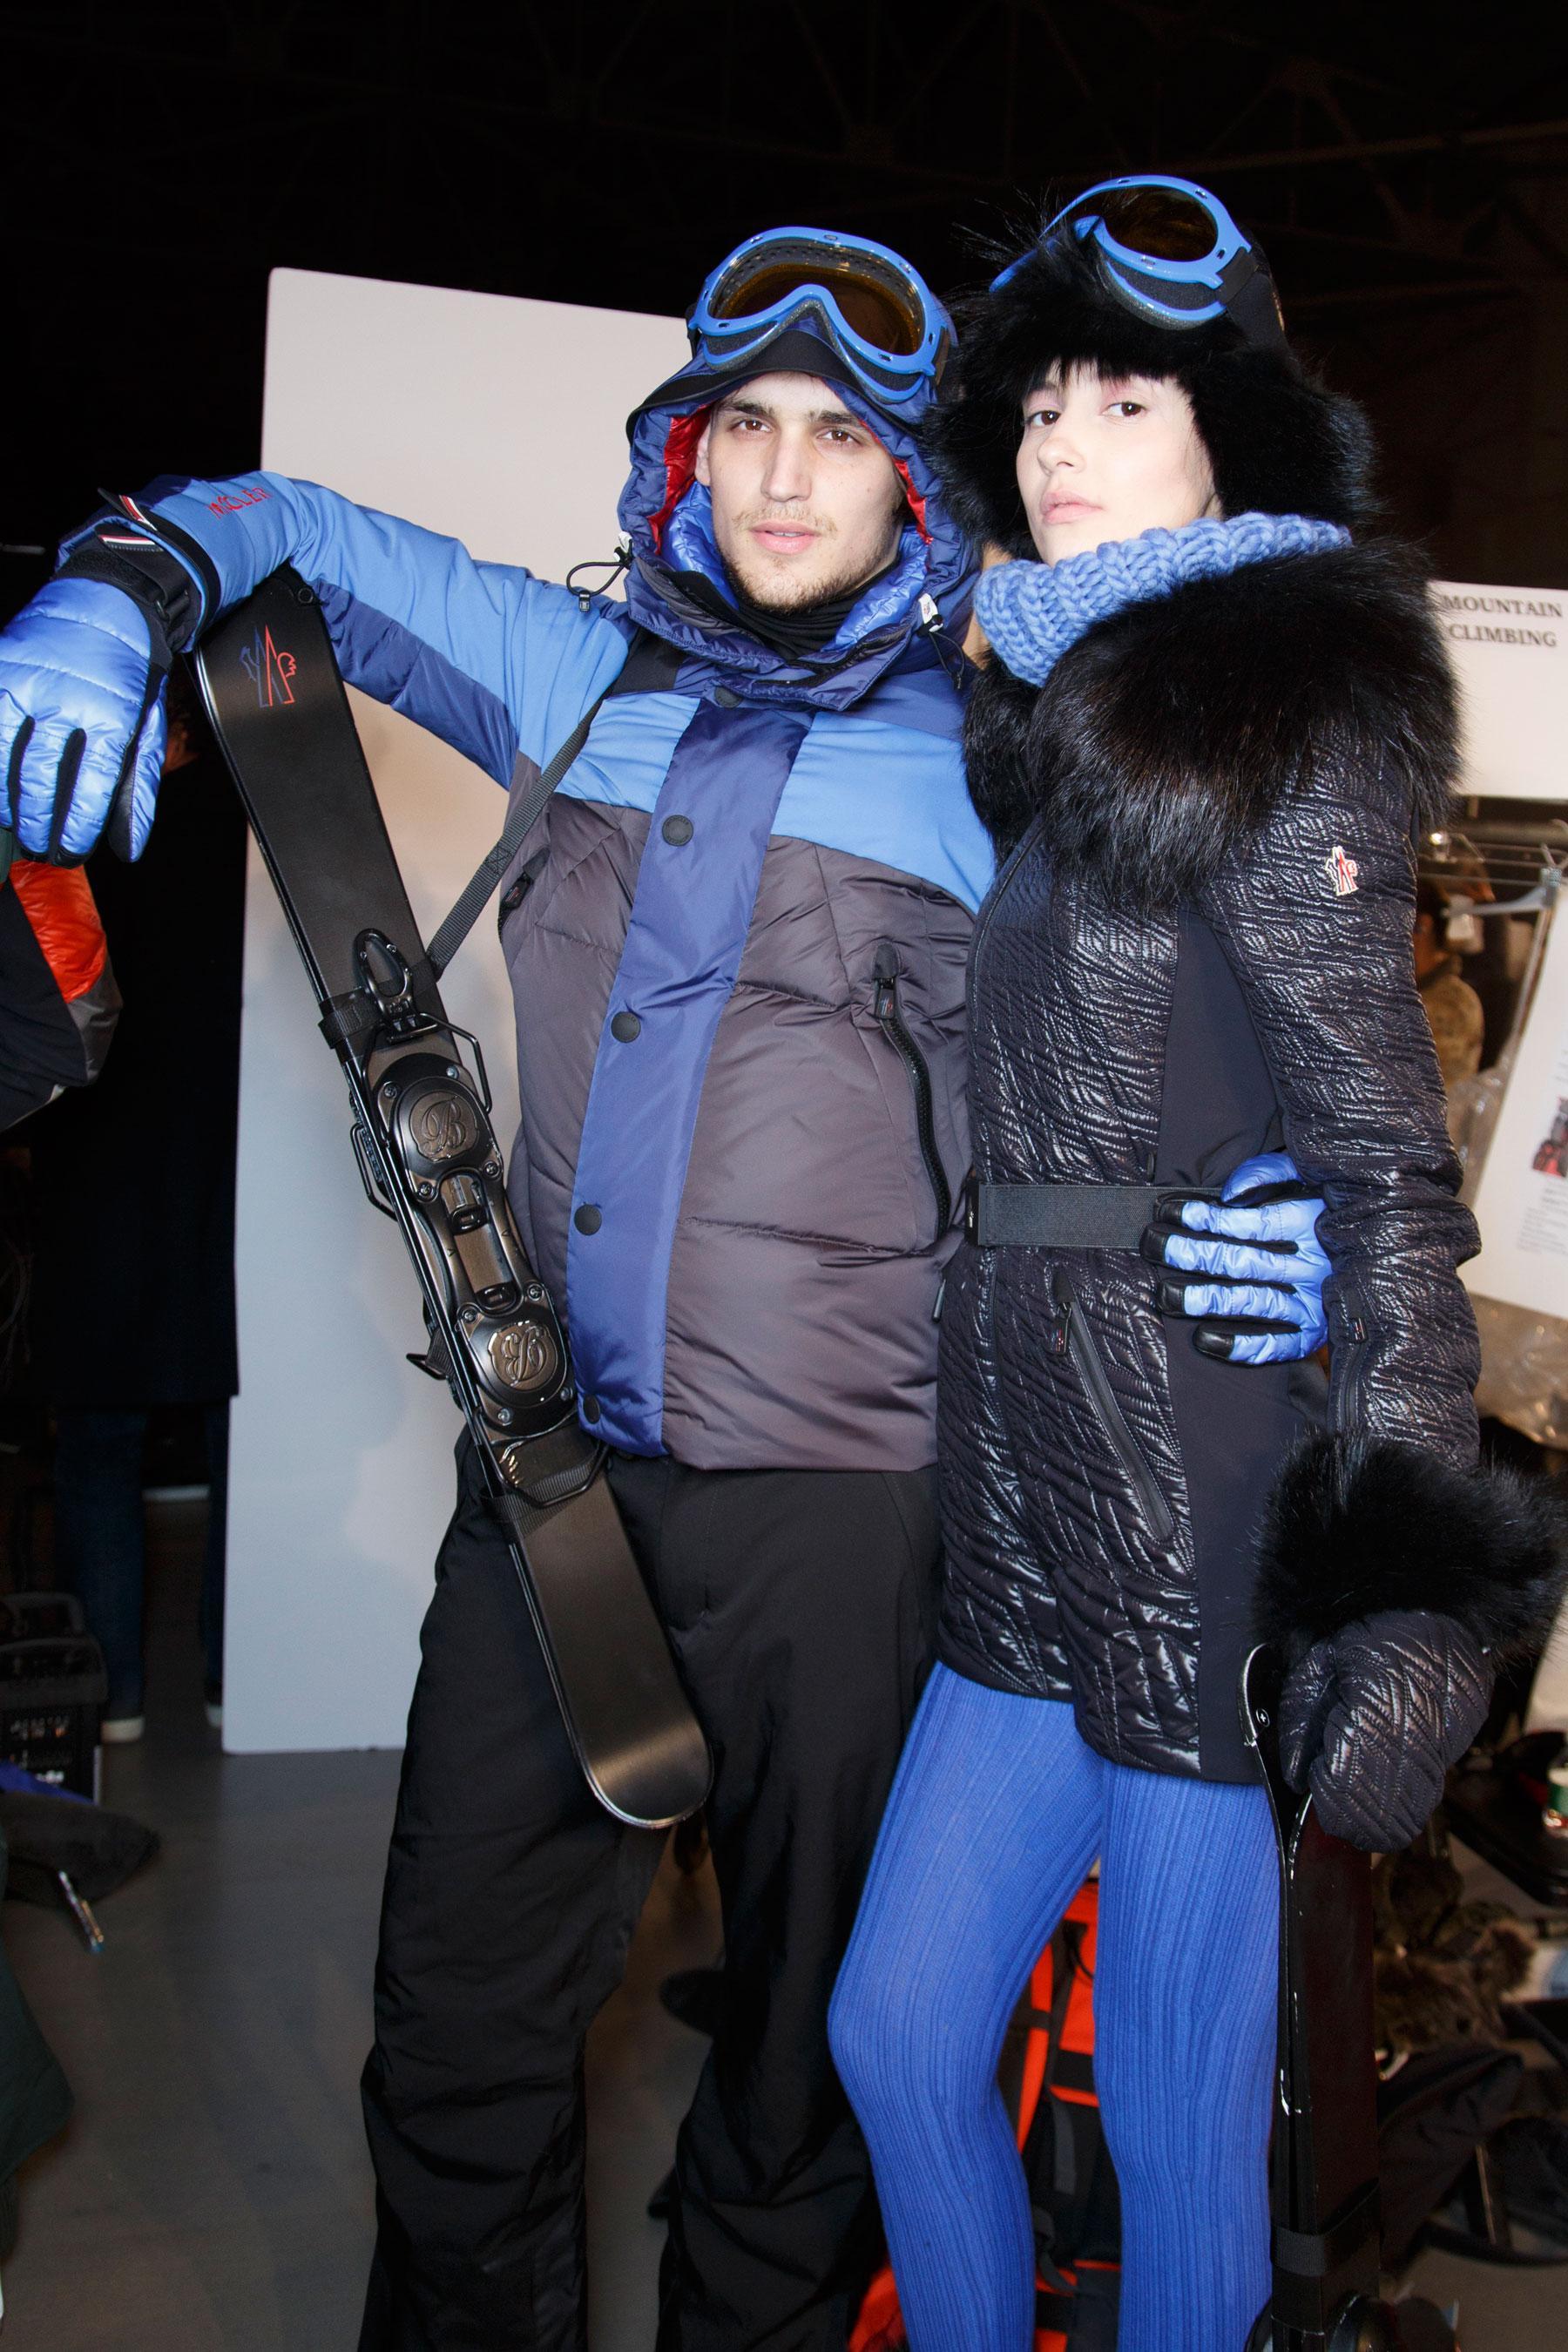 Backstage défilé Moncler Grenoble automne-hiver 2015-2016, New York -  Coulisses 18. f019be22d8b